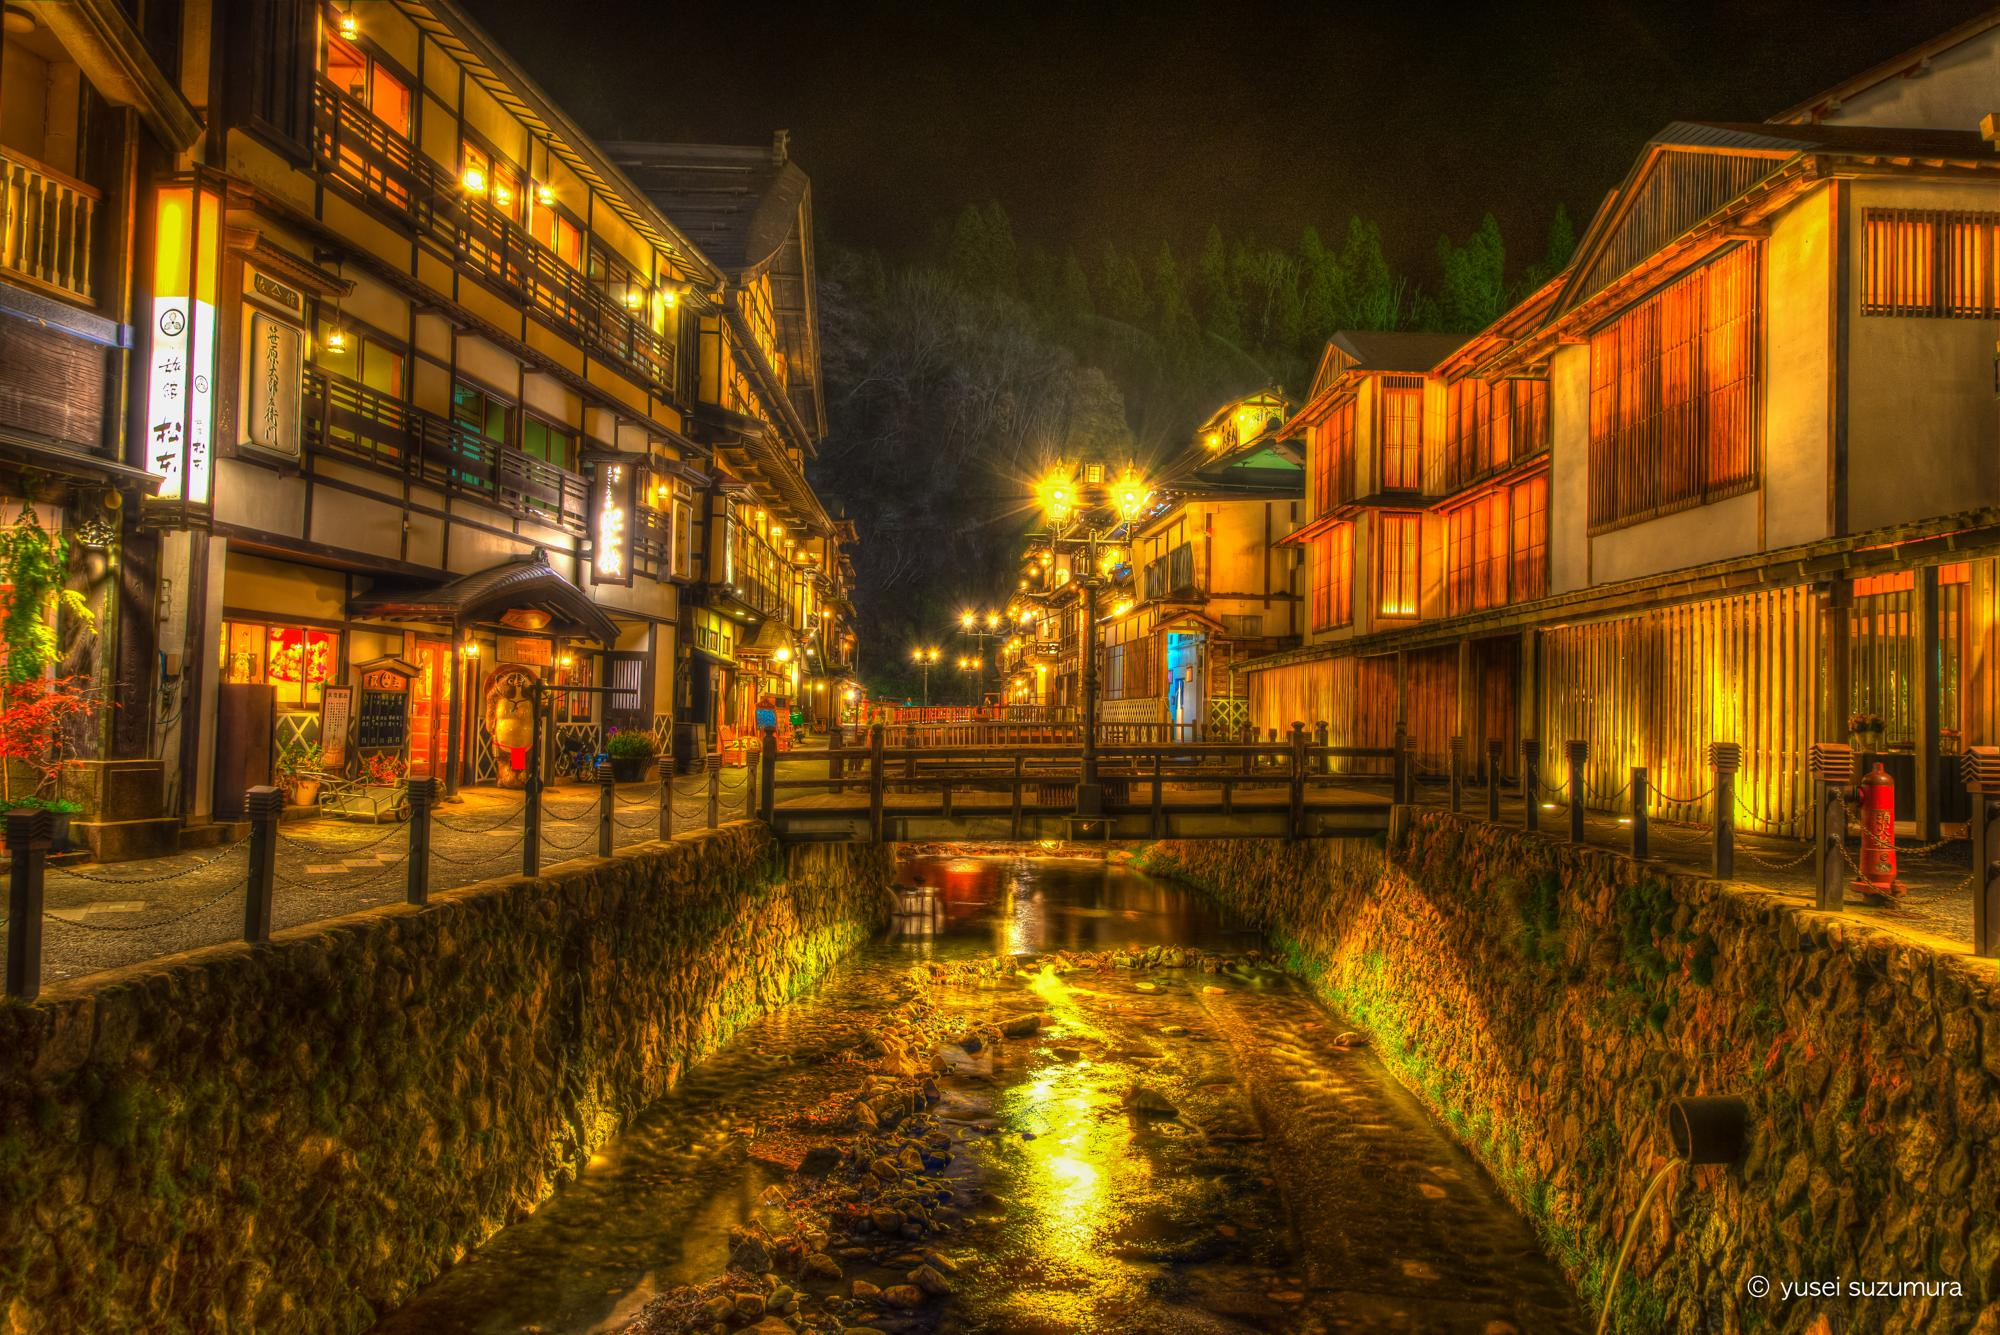 47都道府県制覇の旅。山寺と銀山温泉に行ってきた。